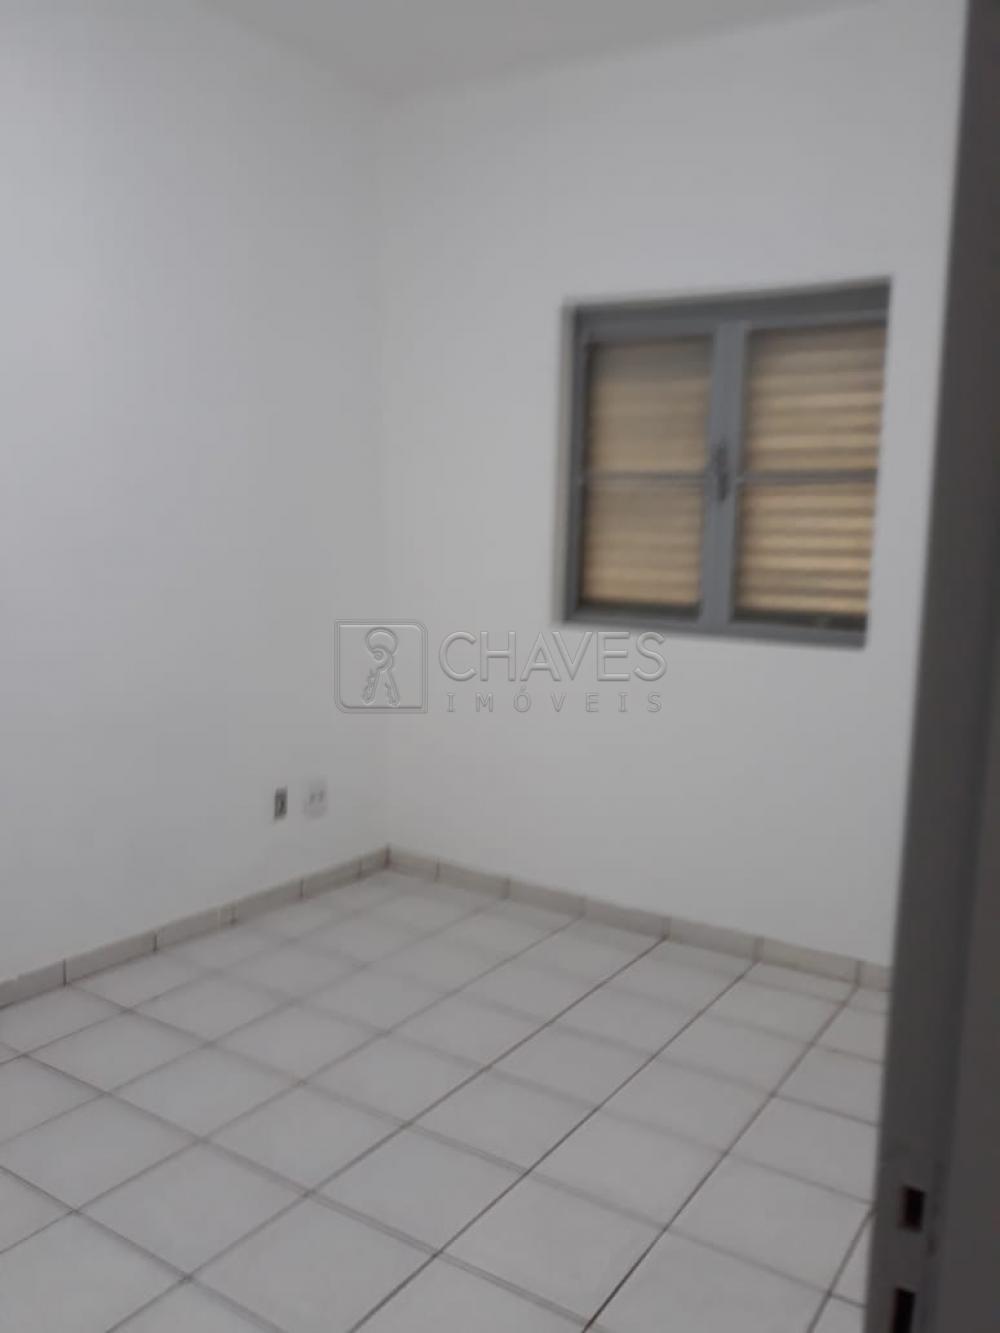 Alugar Comercial / Salão em Ribeirão Preto apenas R$ 900,00 - Foto 13